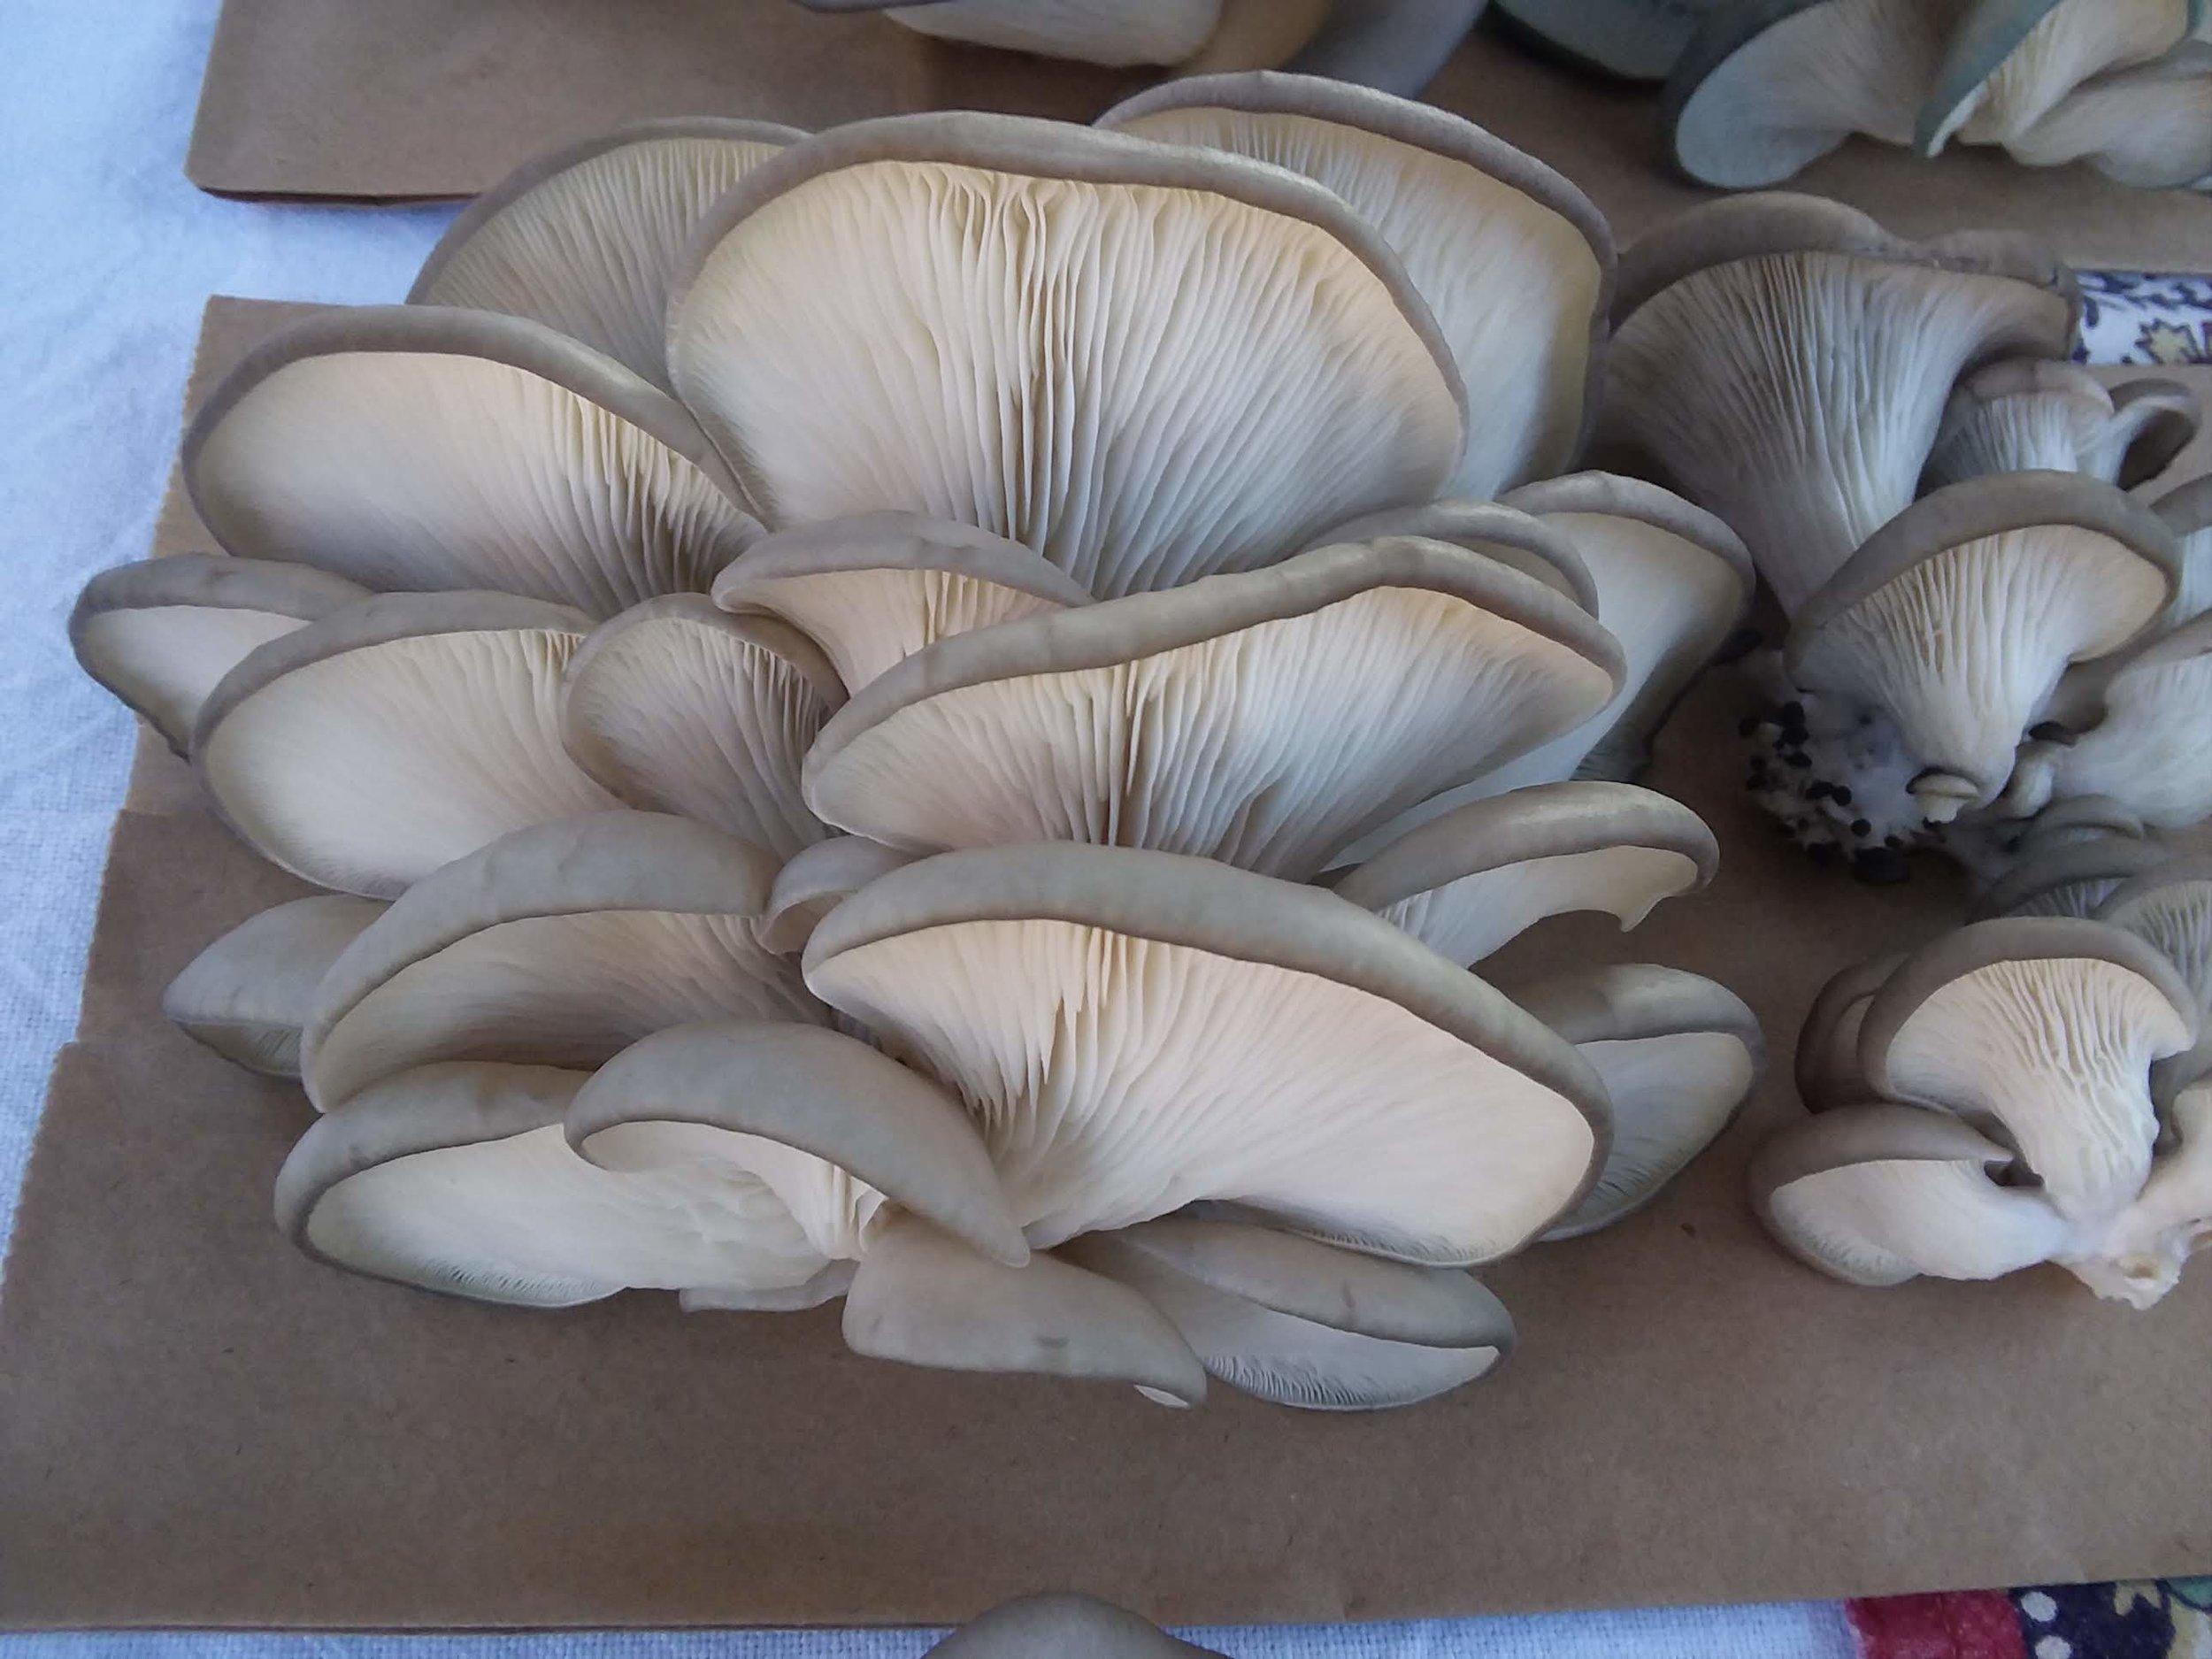 produce mushrooms growing stacked.jpg